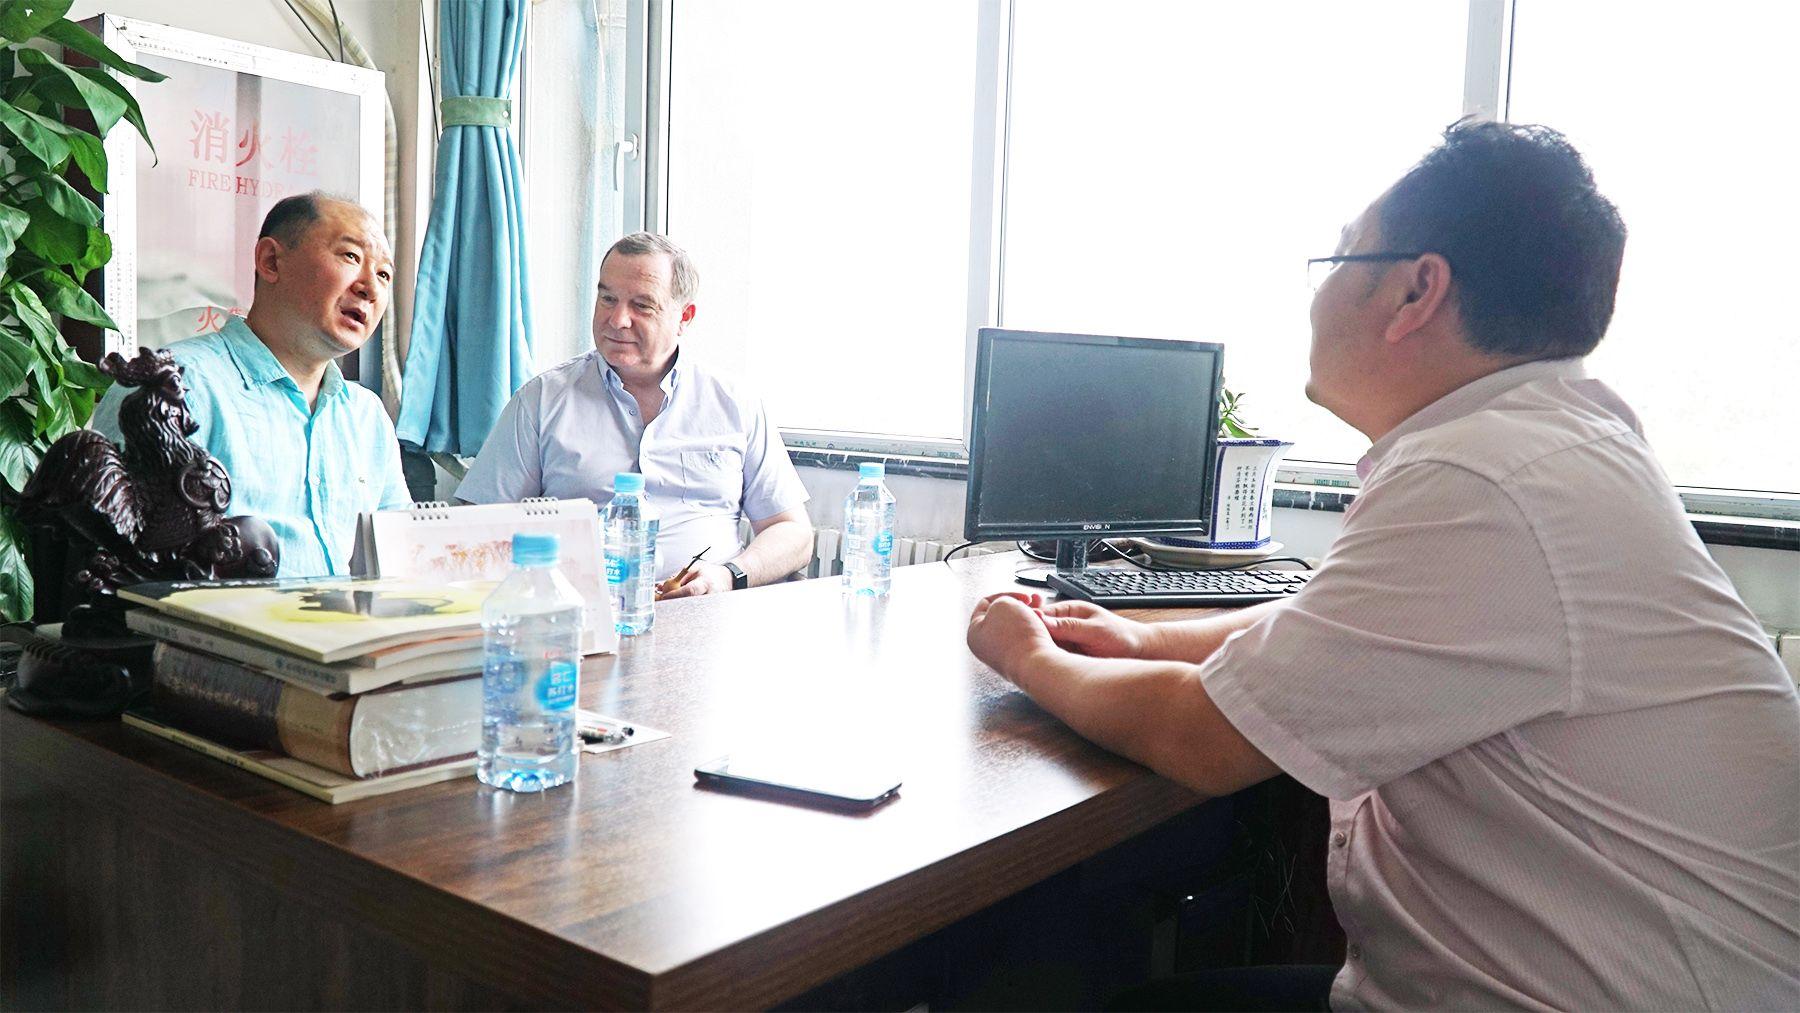 ВГУЭС и КНР развивают сотрудничество для подготовки профессионалов для рынка труда России и Китая